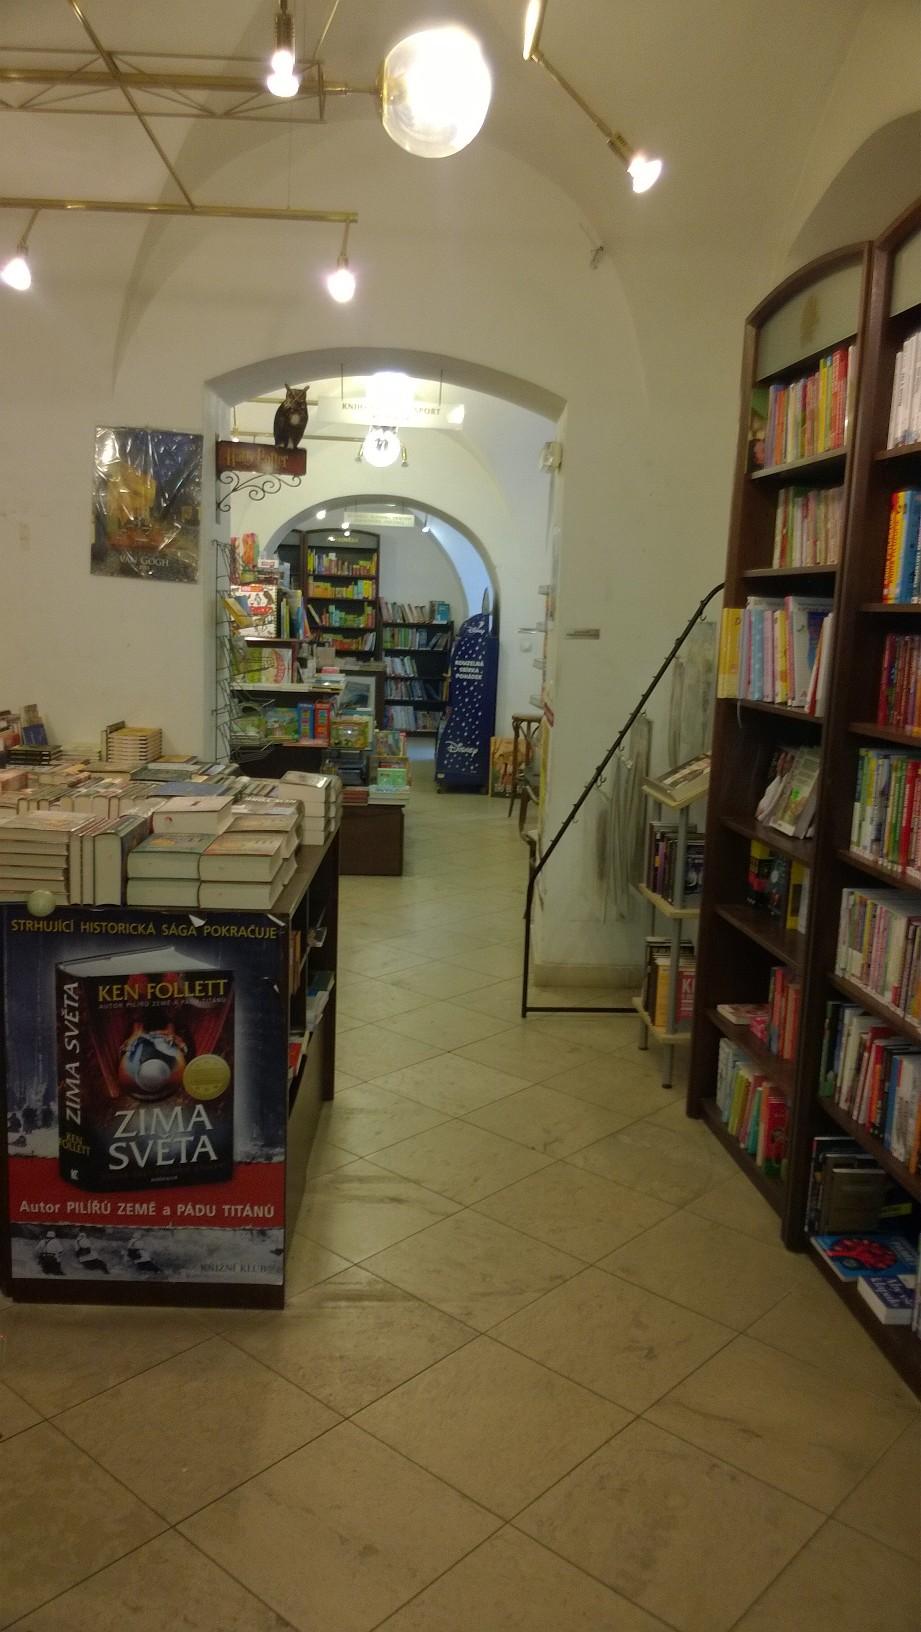 Mała, zagubiona czeska księgarnia